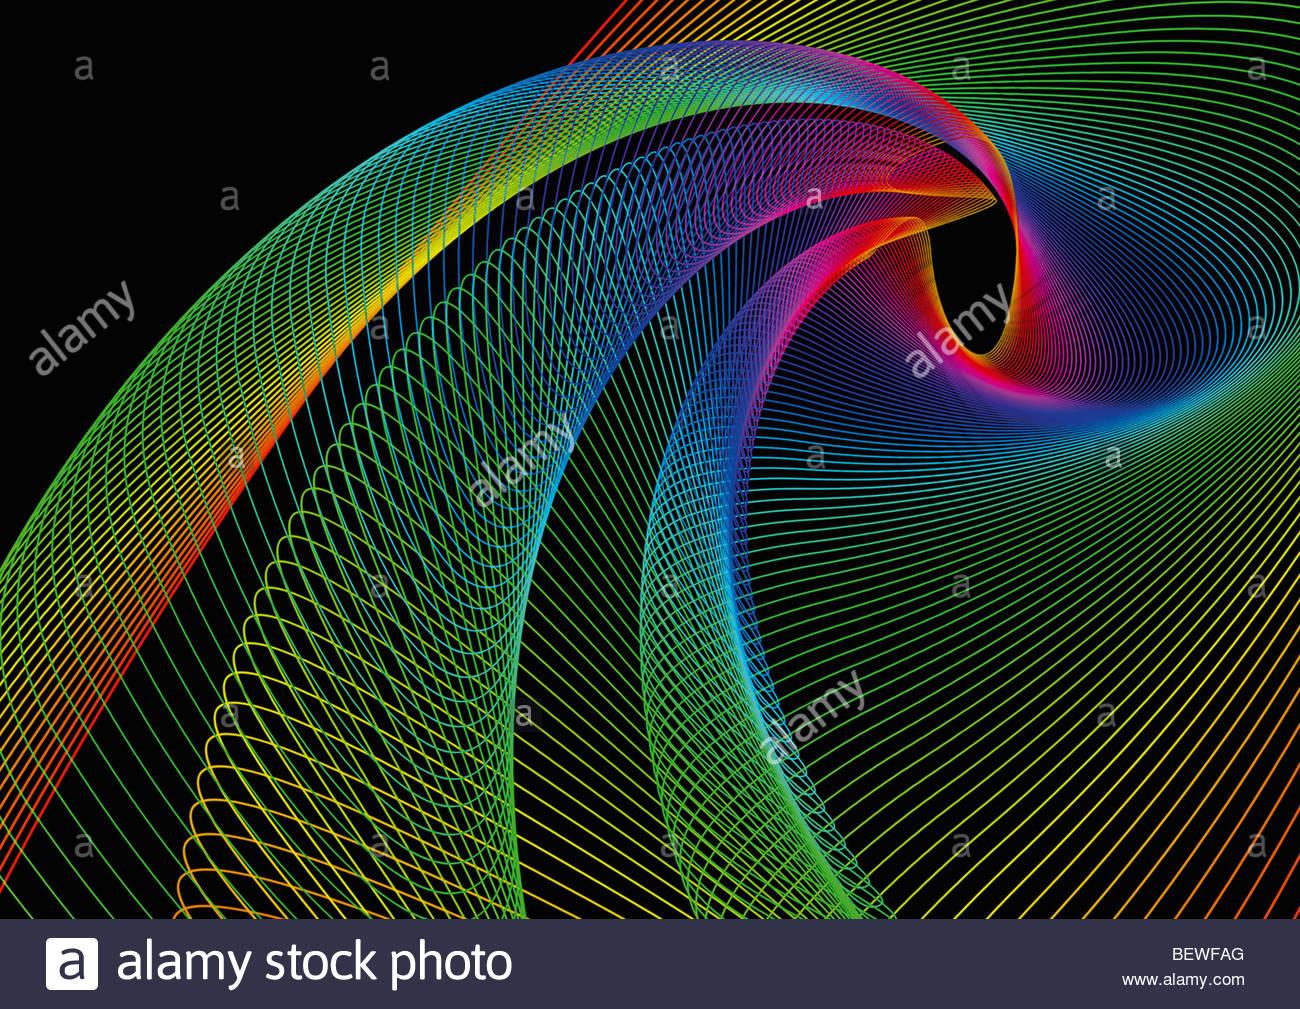 Arcobaleno di vorticazione linee colorate Immagini Stock